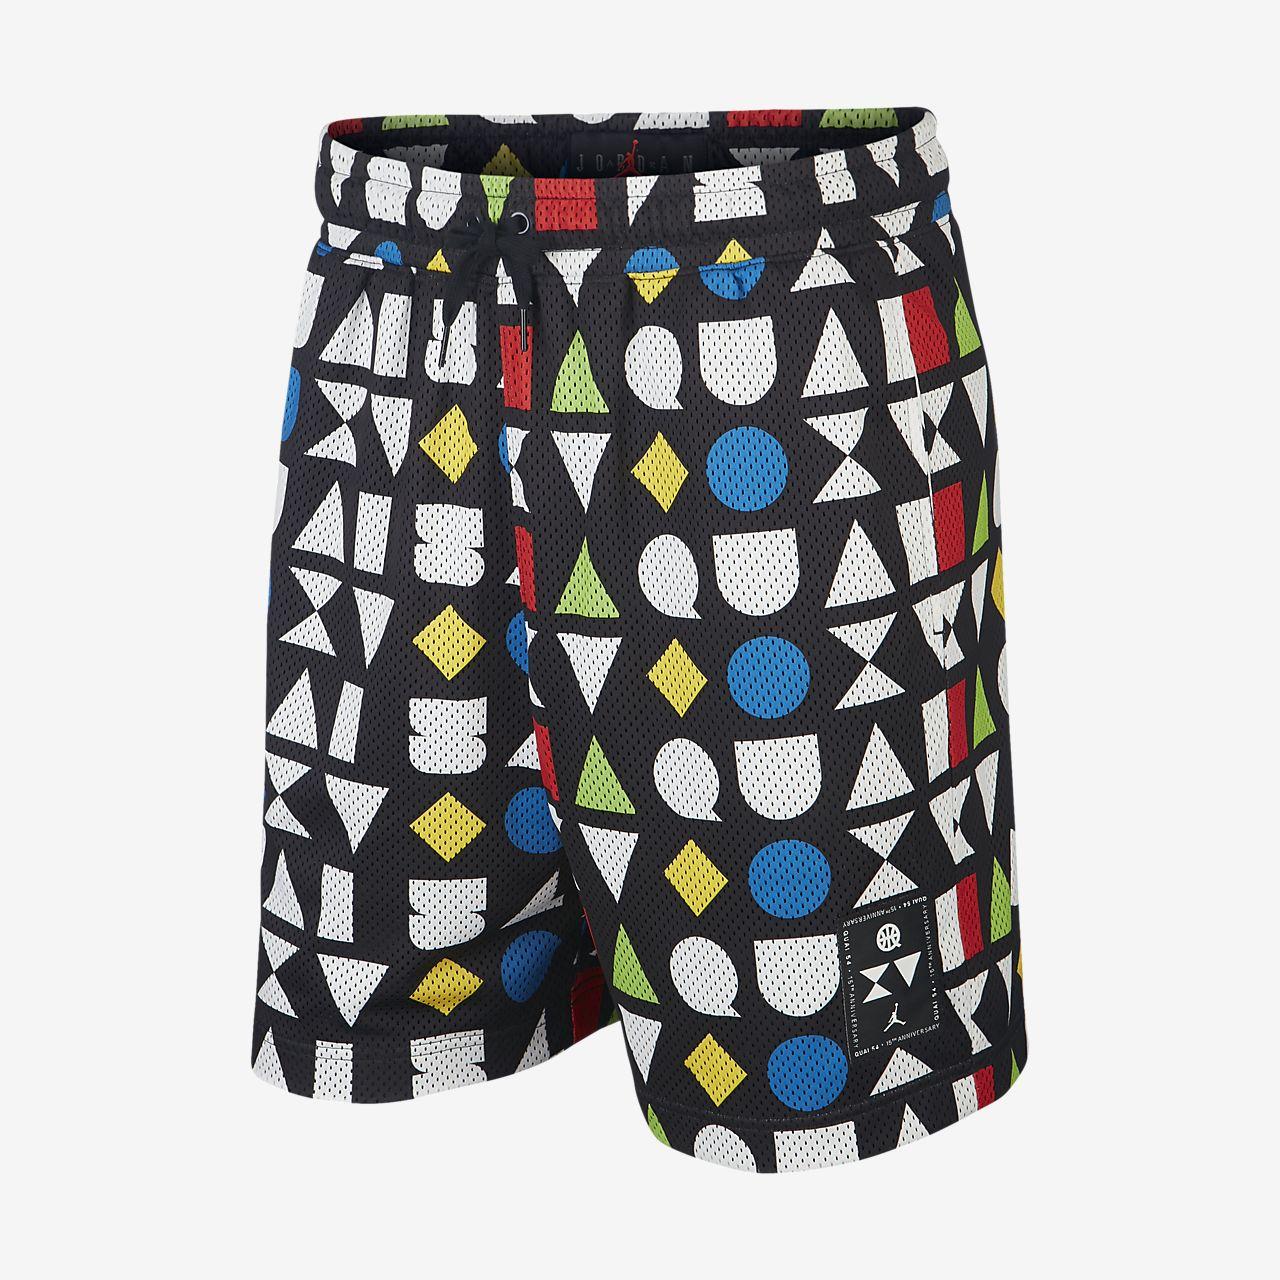 Shorts para hombre Jordan Quai 54